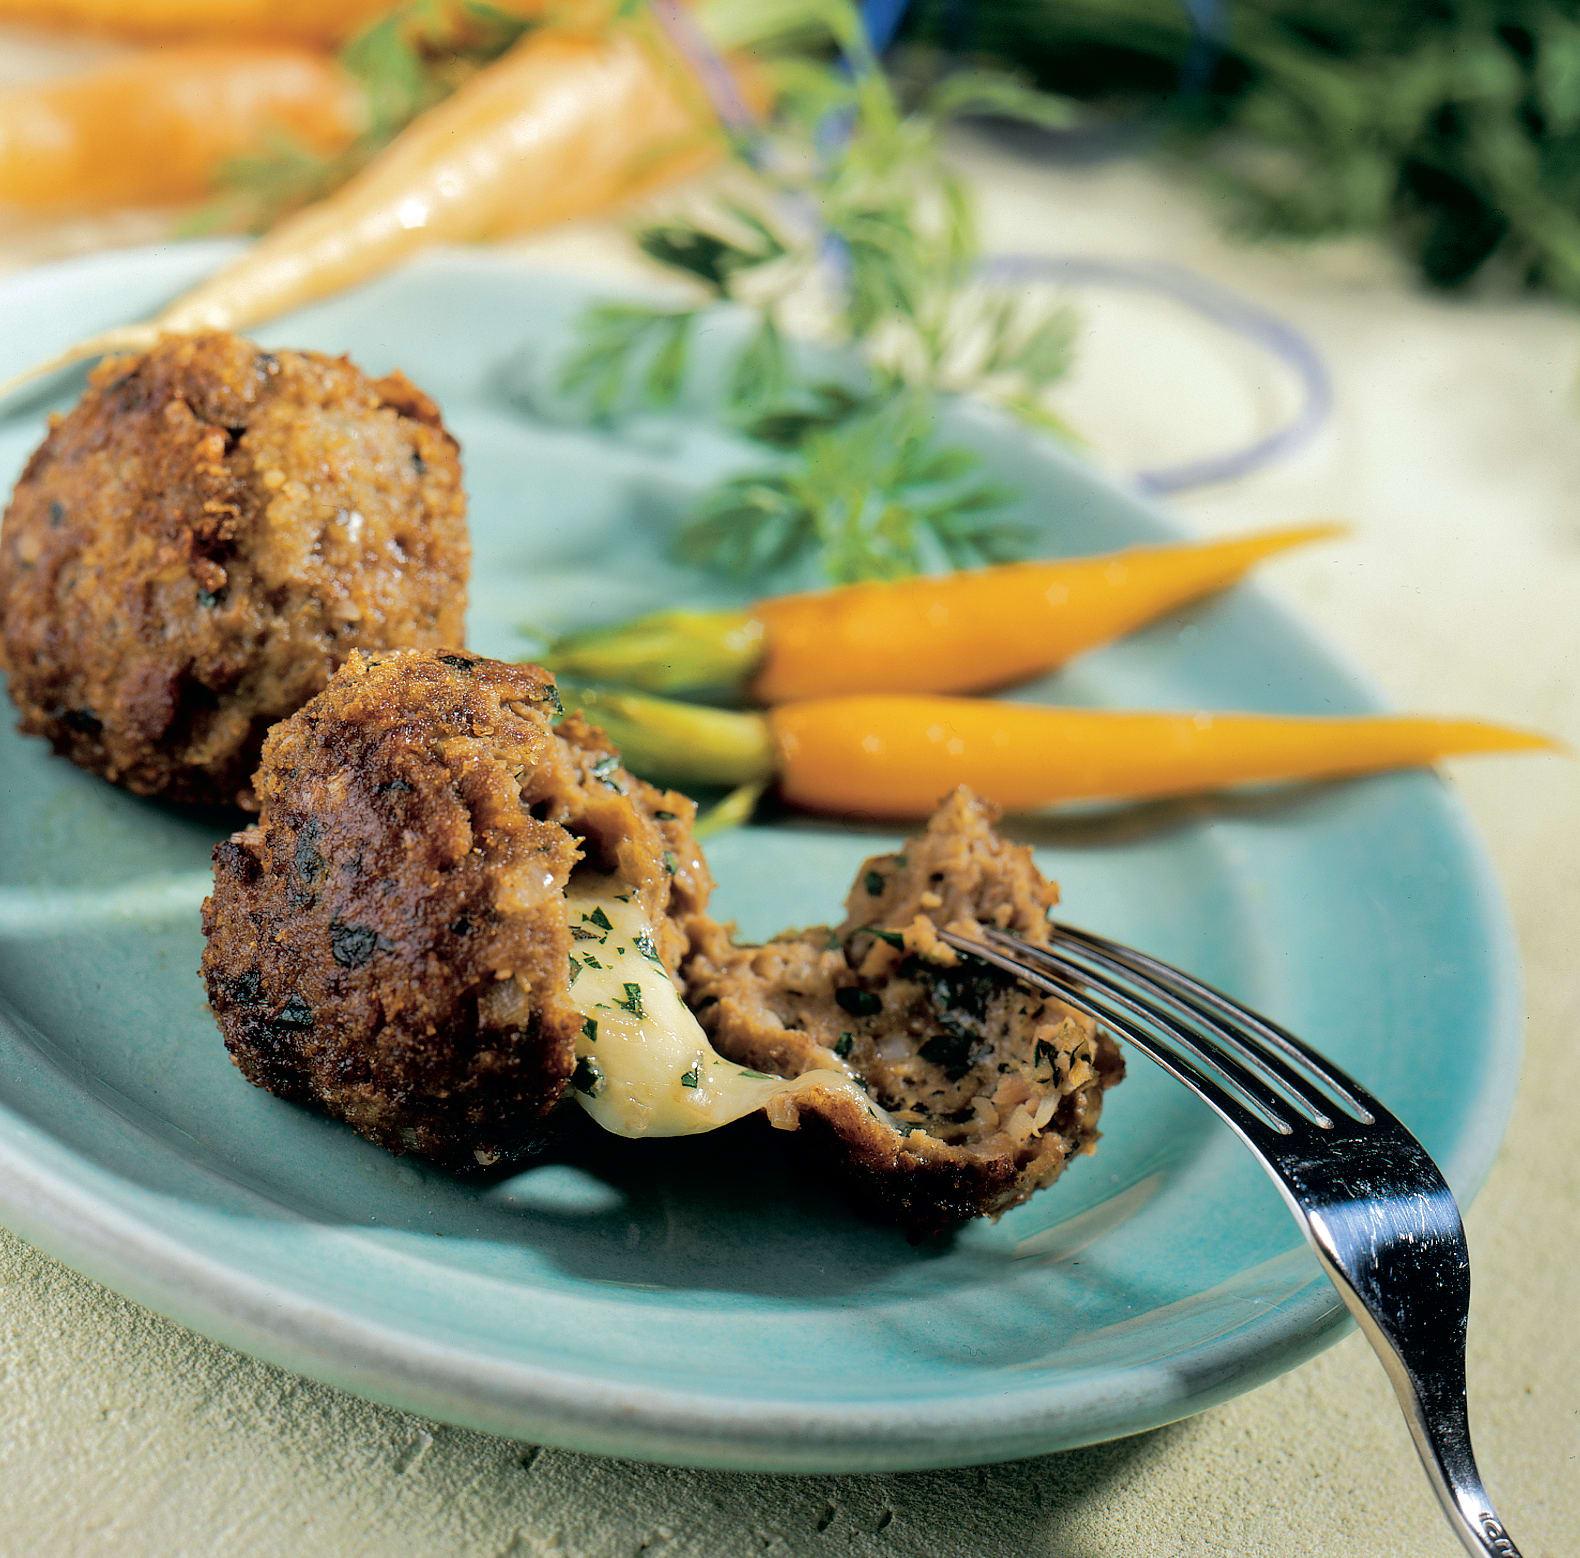 Boulettes farcies accompagnées de carottes printanières